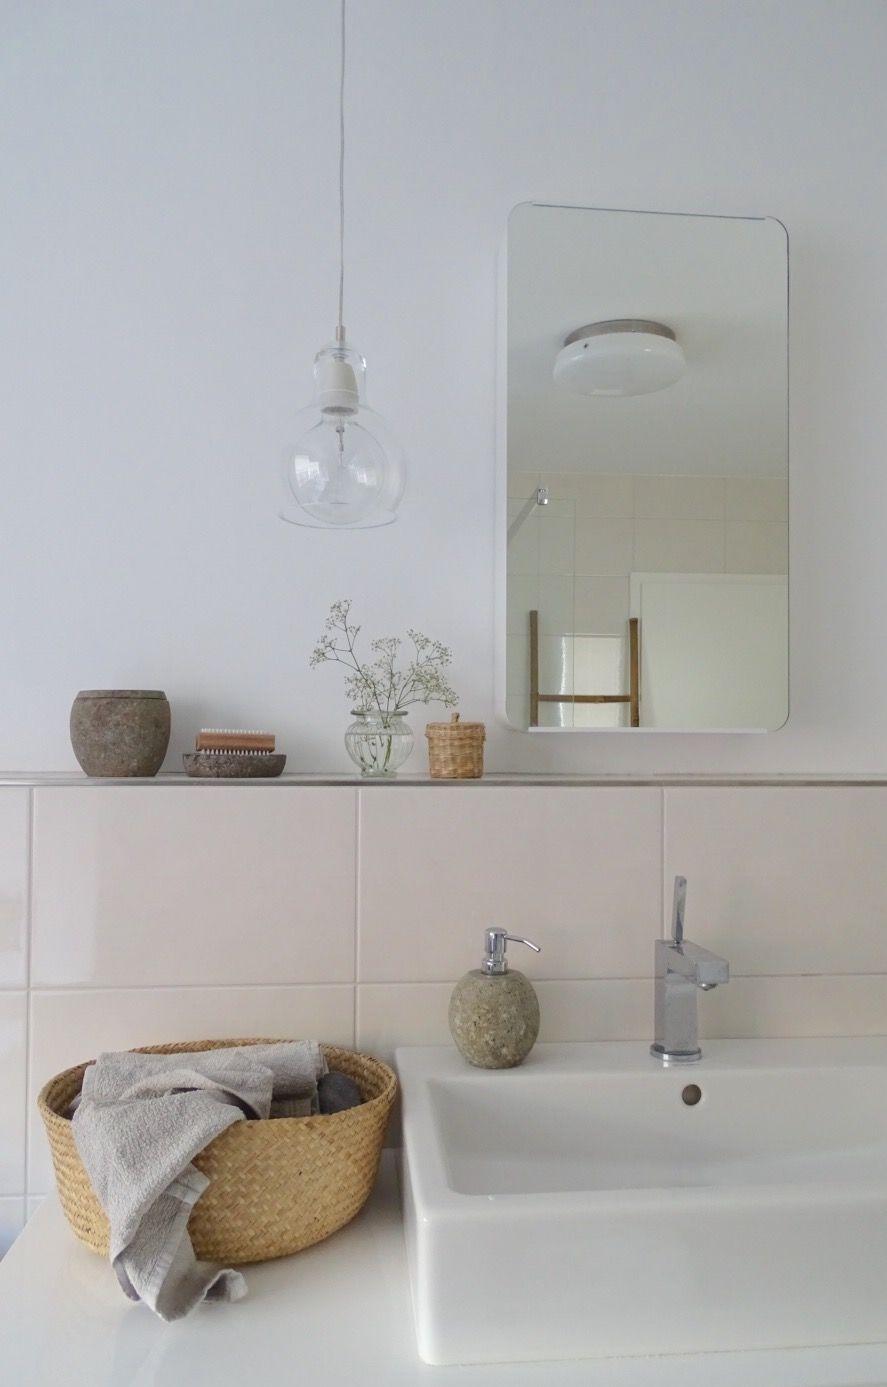 Badezimmer Deko: Die schönsten Ideen